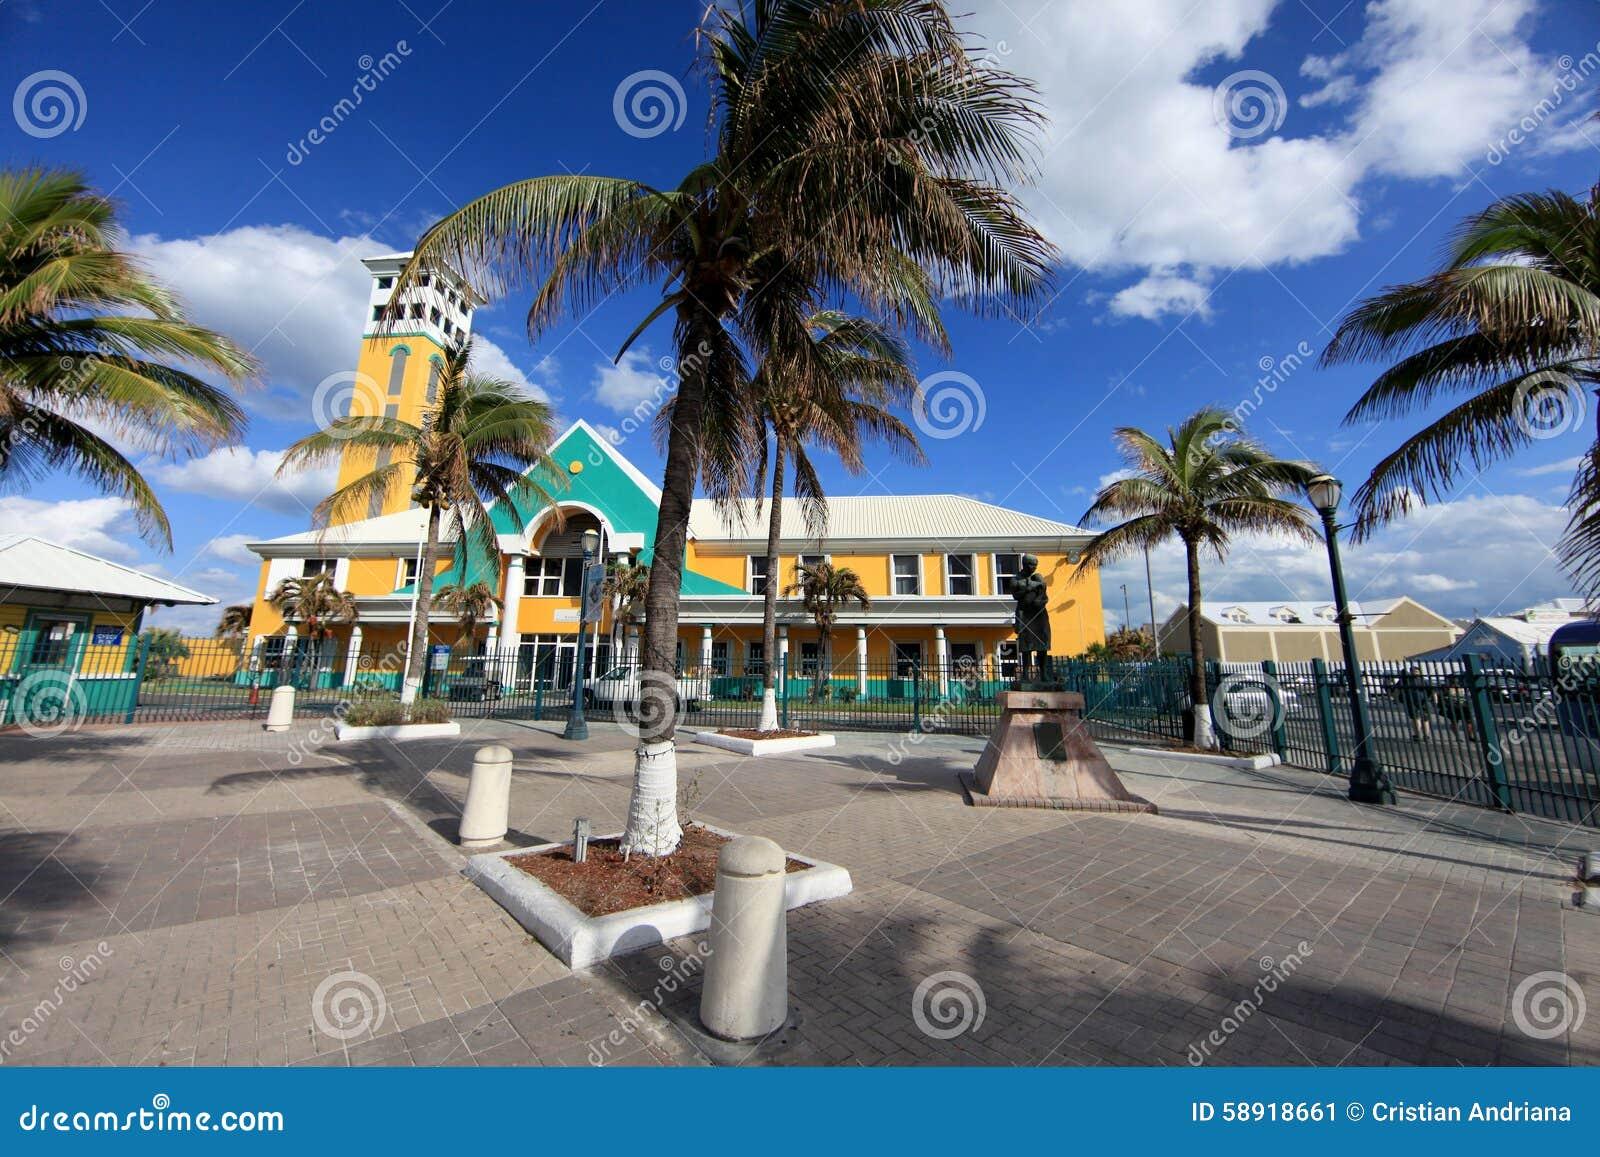 Online Chat & Dating Nassau | Lerne Männer & Frauen in Nassau, Bahamas kennen | Badoo